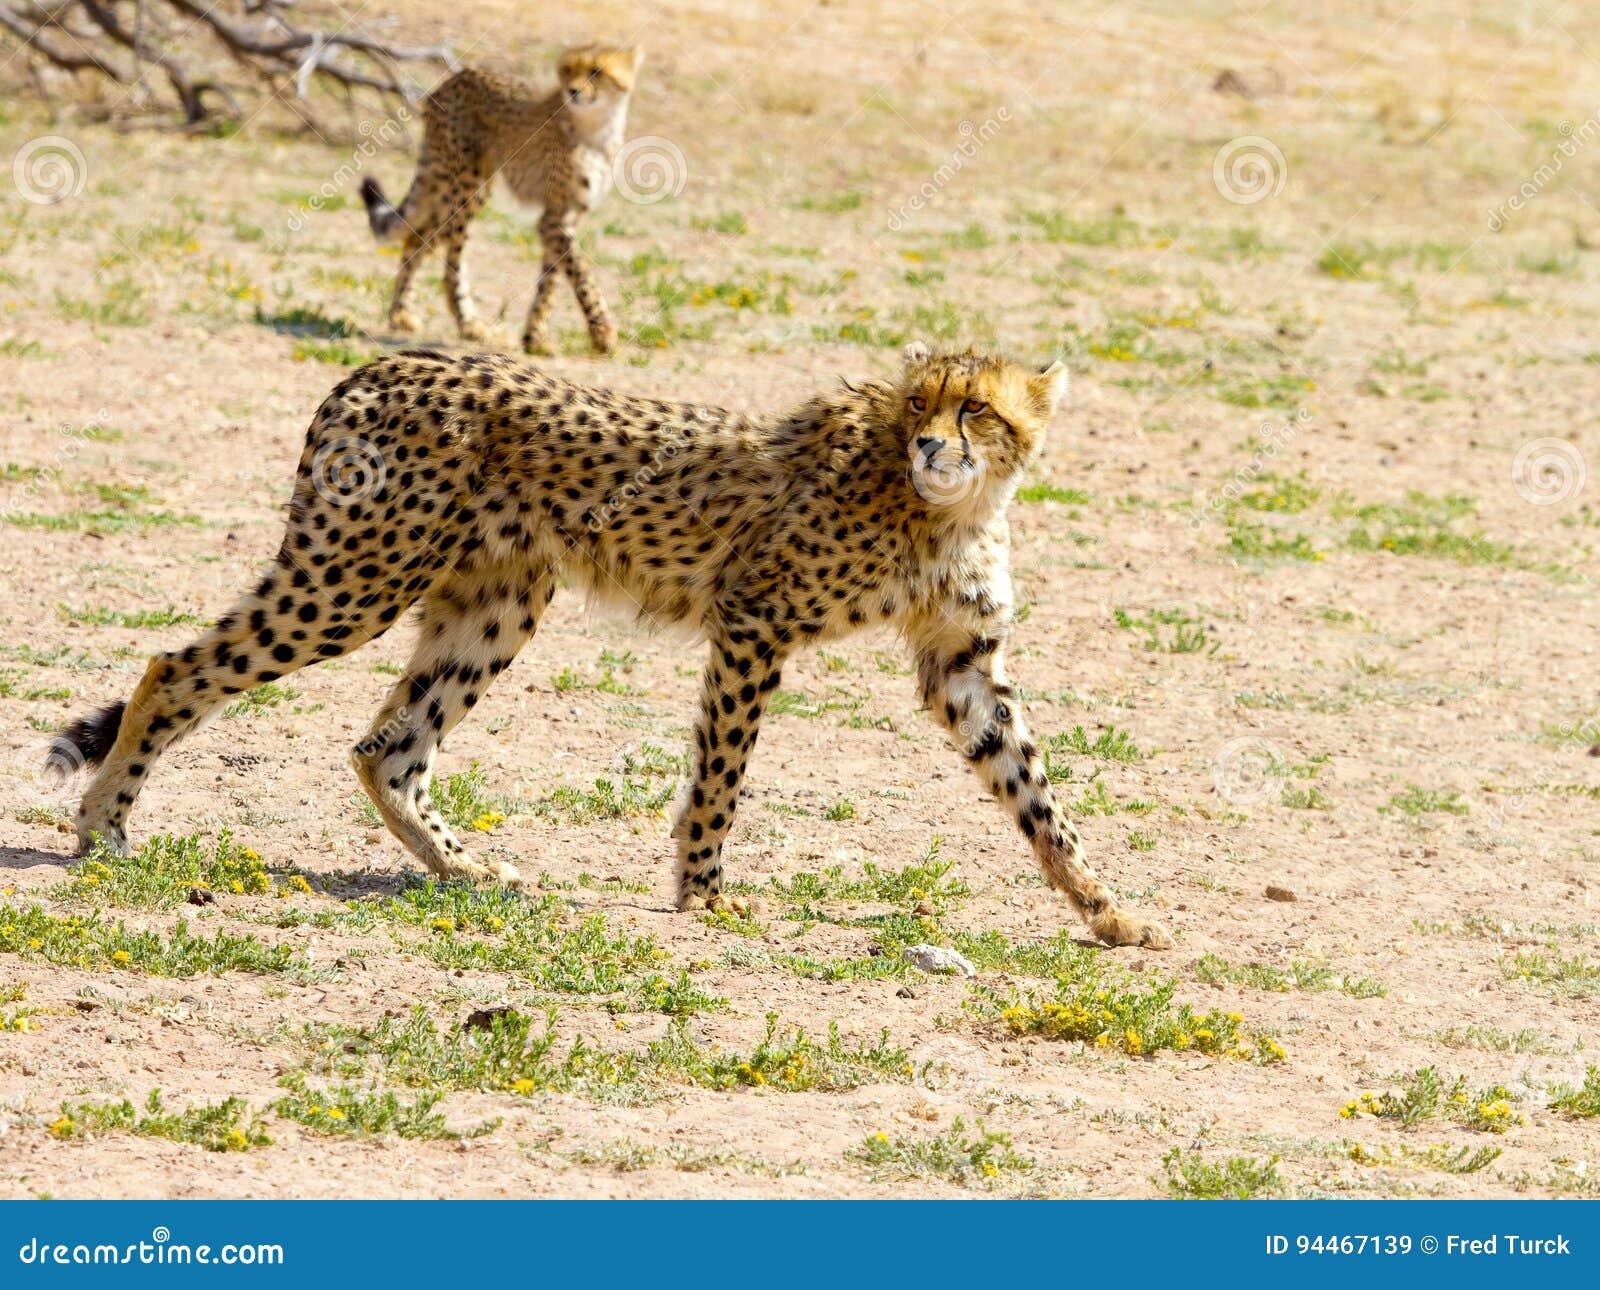 Een paar jachtluipaarden in het Grensoverschrijdende Nationale Park van Kgalagadi tussen Zuid-Afrika, Namibië, en Botswana worden